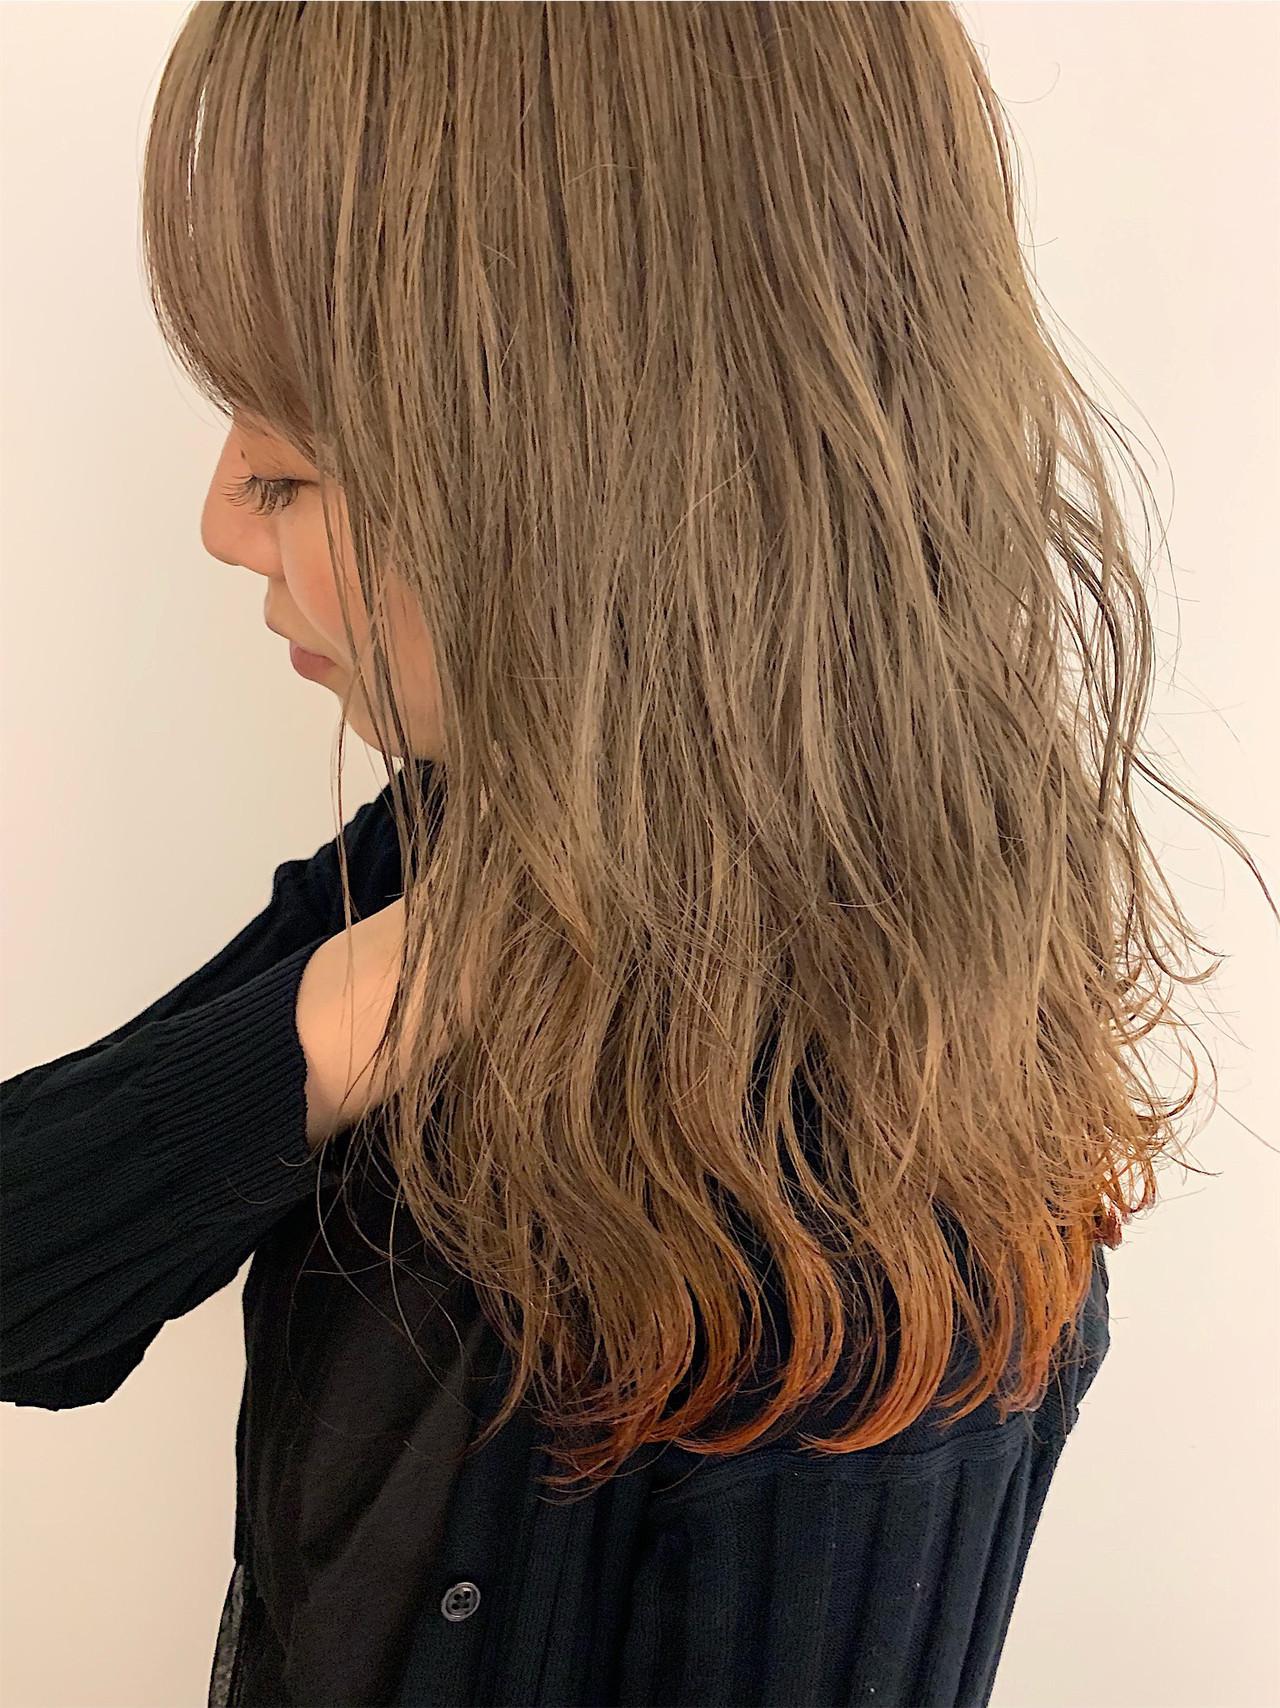 ナチュラル 裾カラー デート ロブ ヘアスタイルや髪型の写真・画像